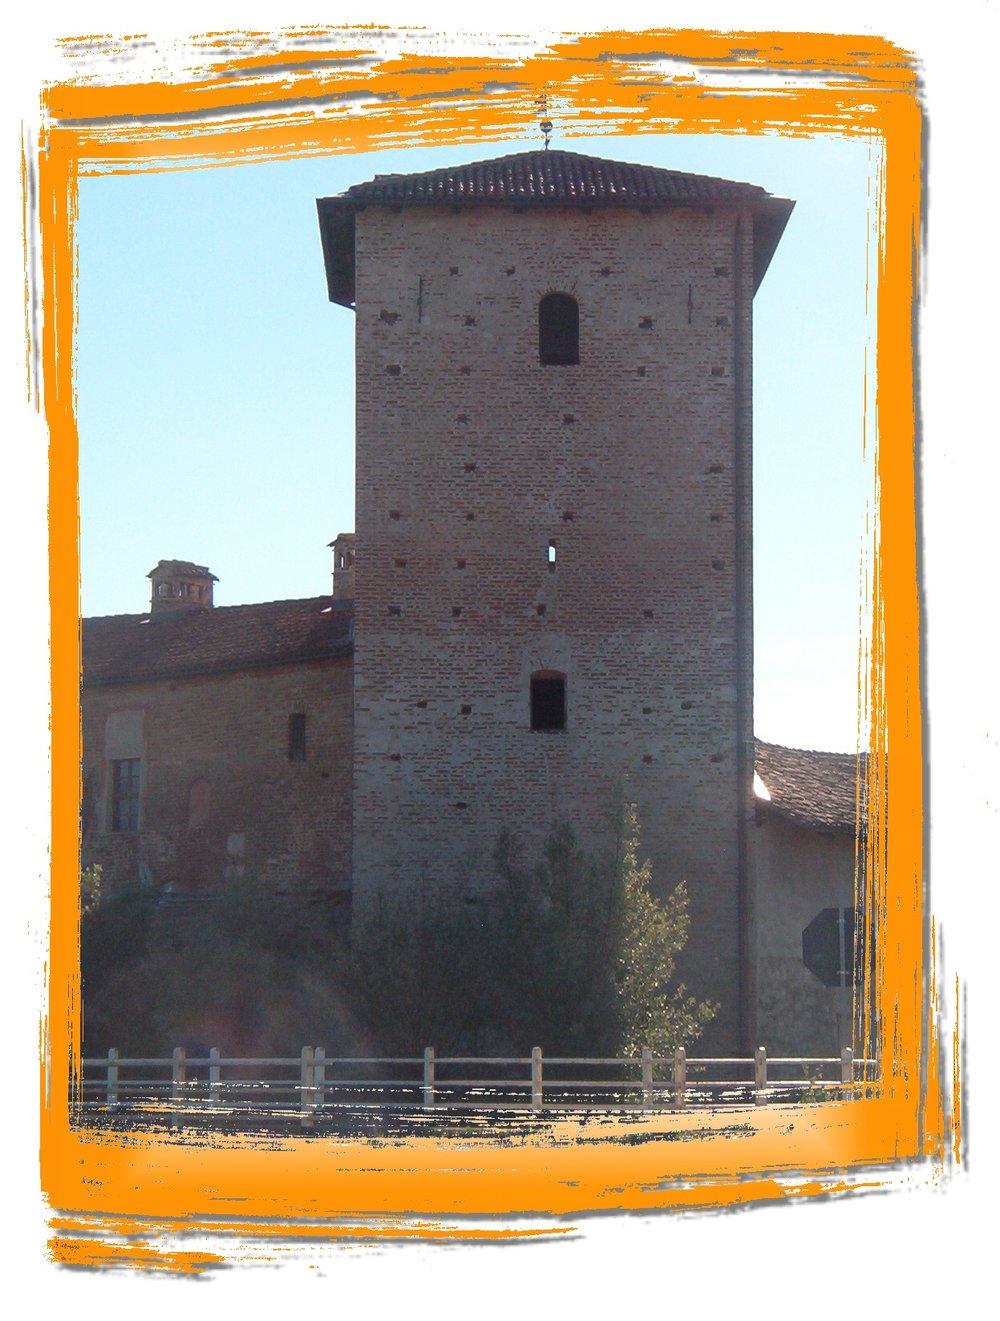 Particolare è la torre su tre piani con annessa la casaforte. -